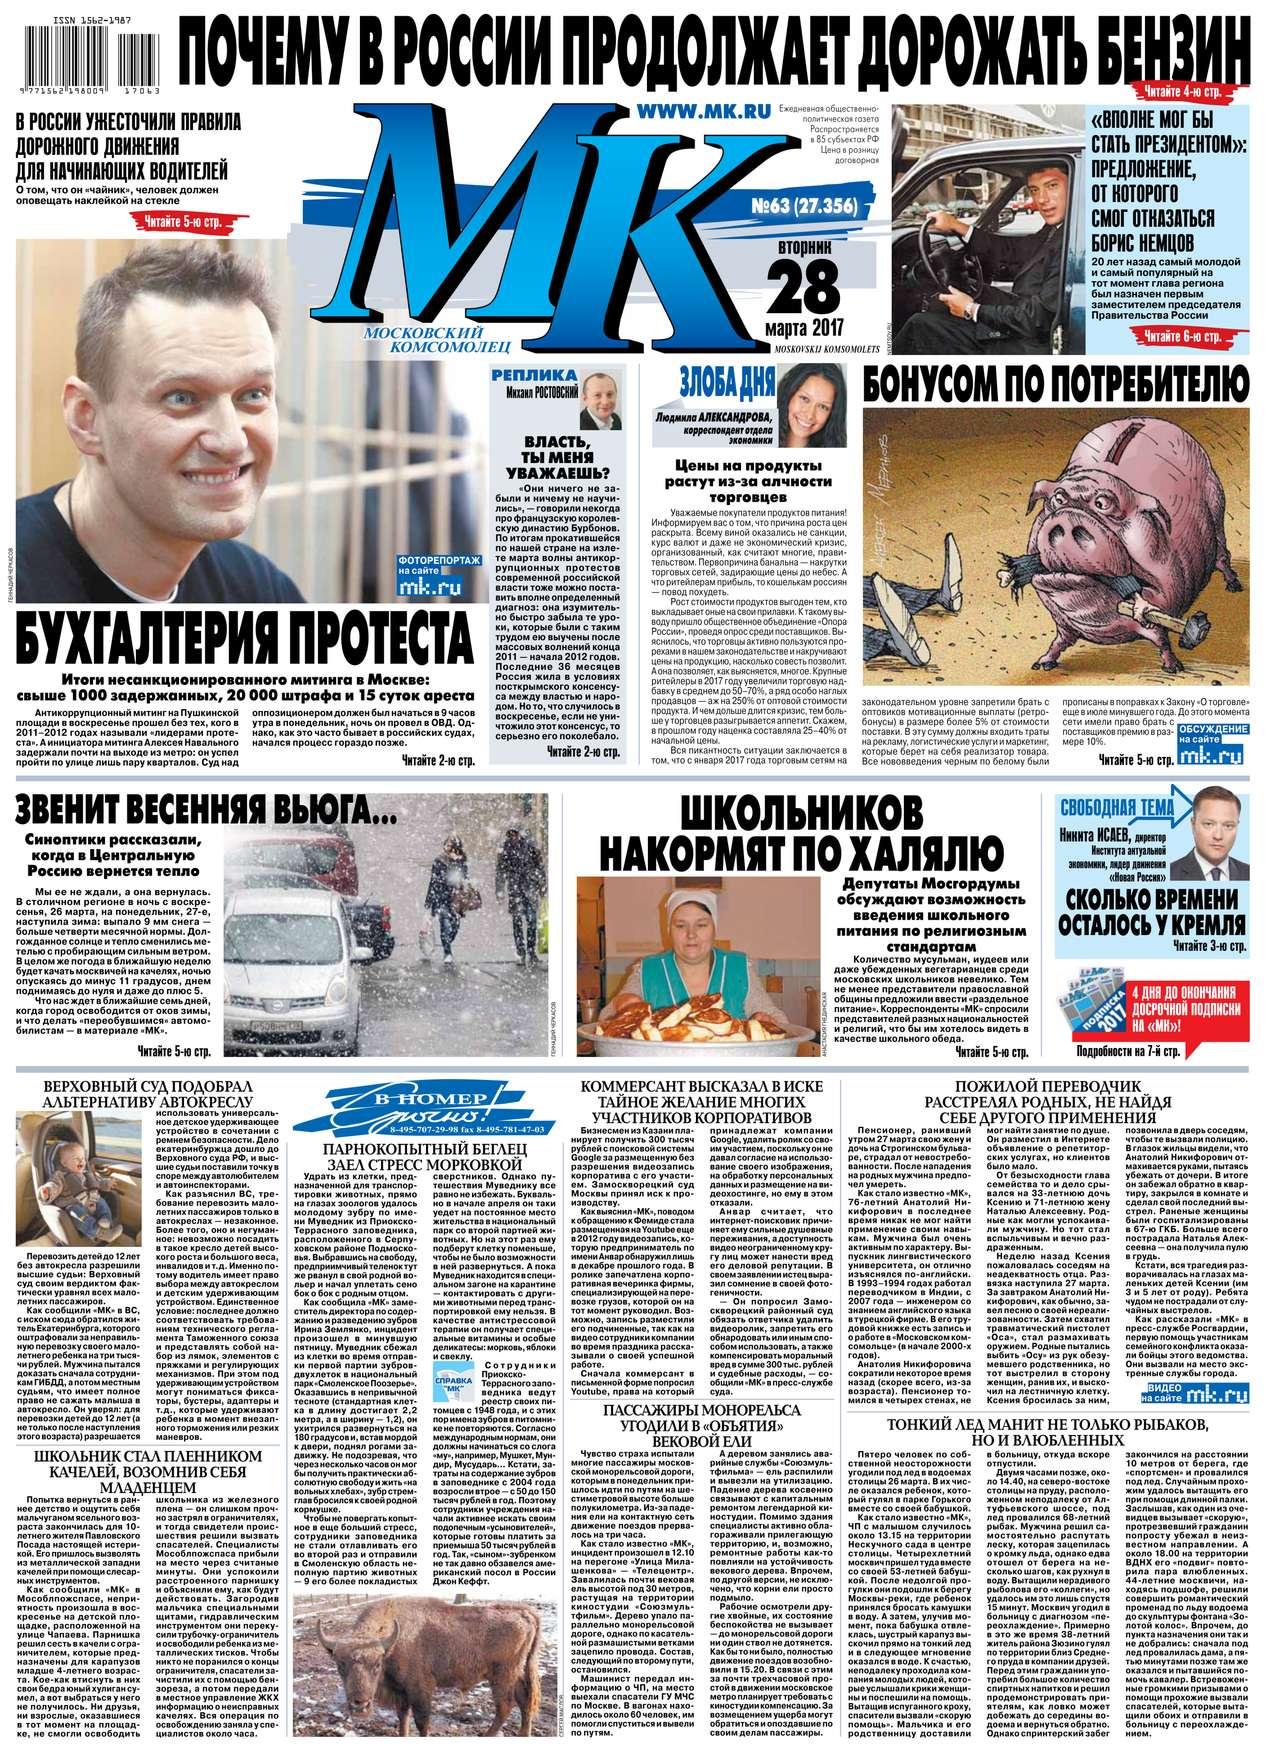 Редакция газеты МК Московский Комсомолец МК Московский Комсомолец 63-2017 цена 2017